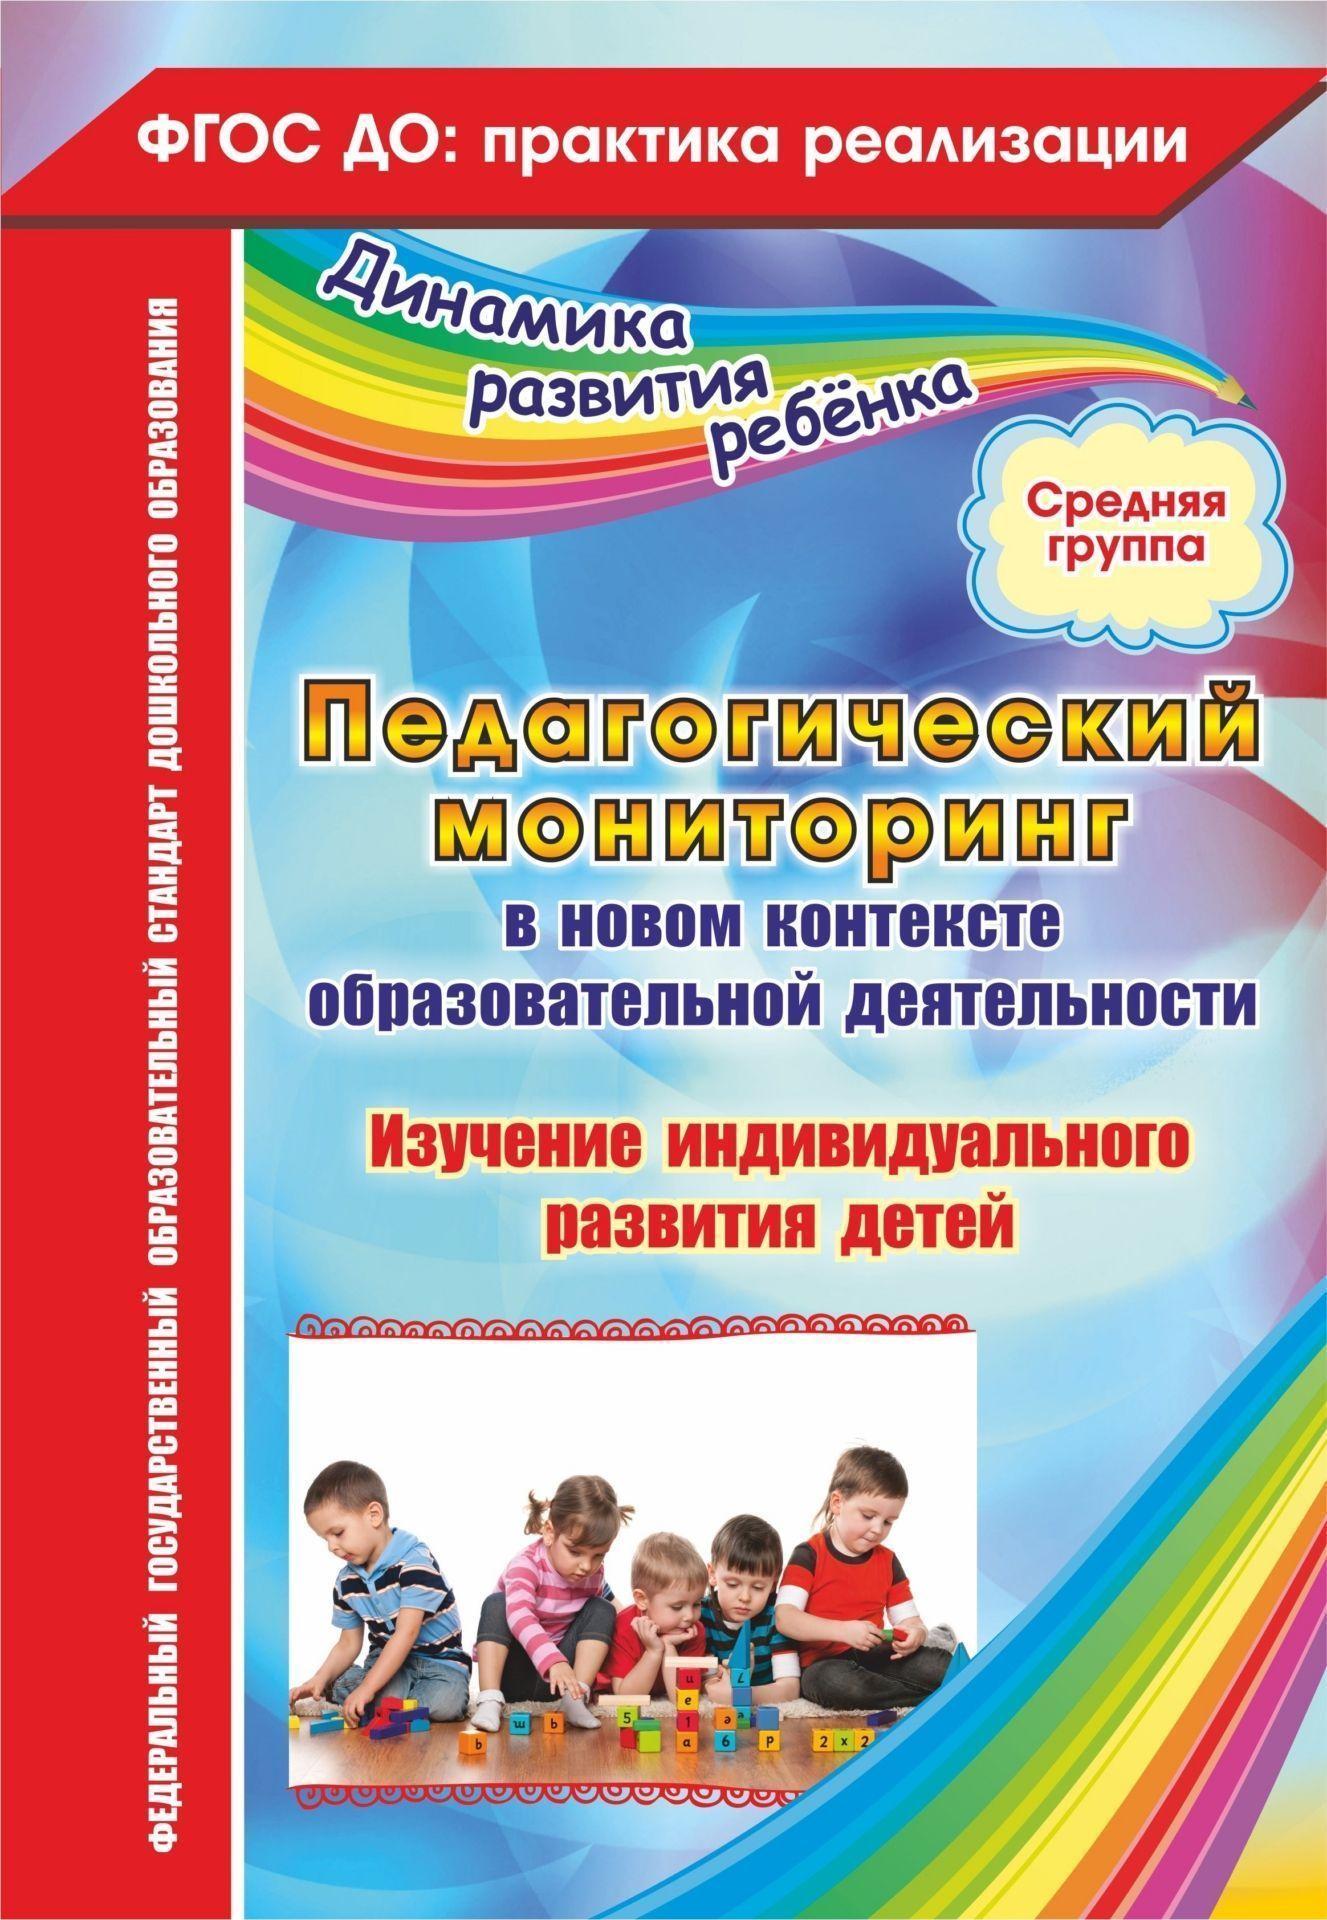 Ю. А. Афонькина Педагогический мониторинг в новом контексте образовательной деятельности. Изучение индивидуального развития детей. Средняя группа